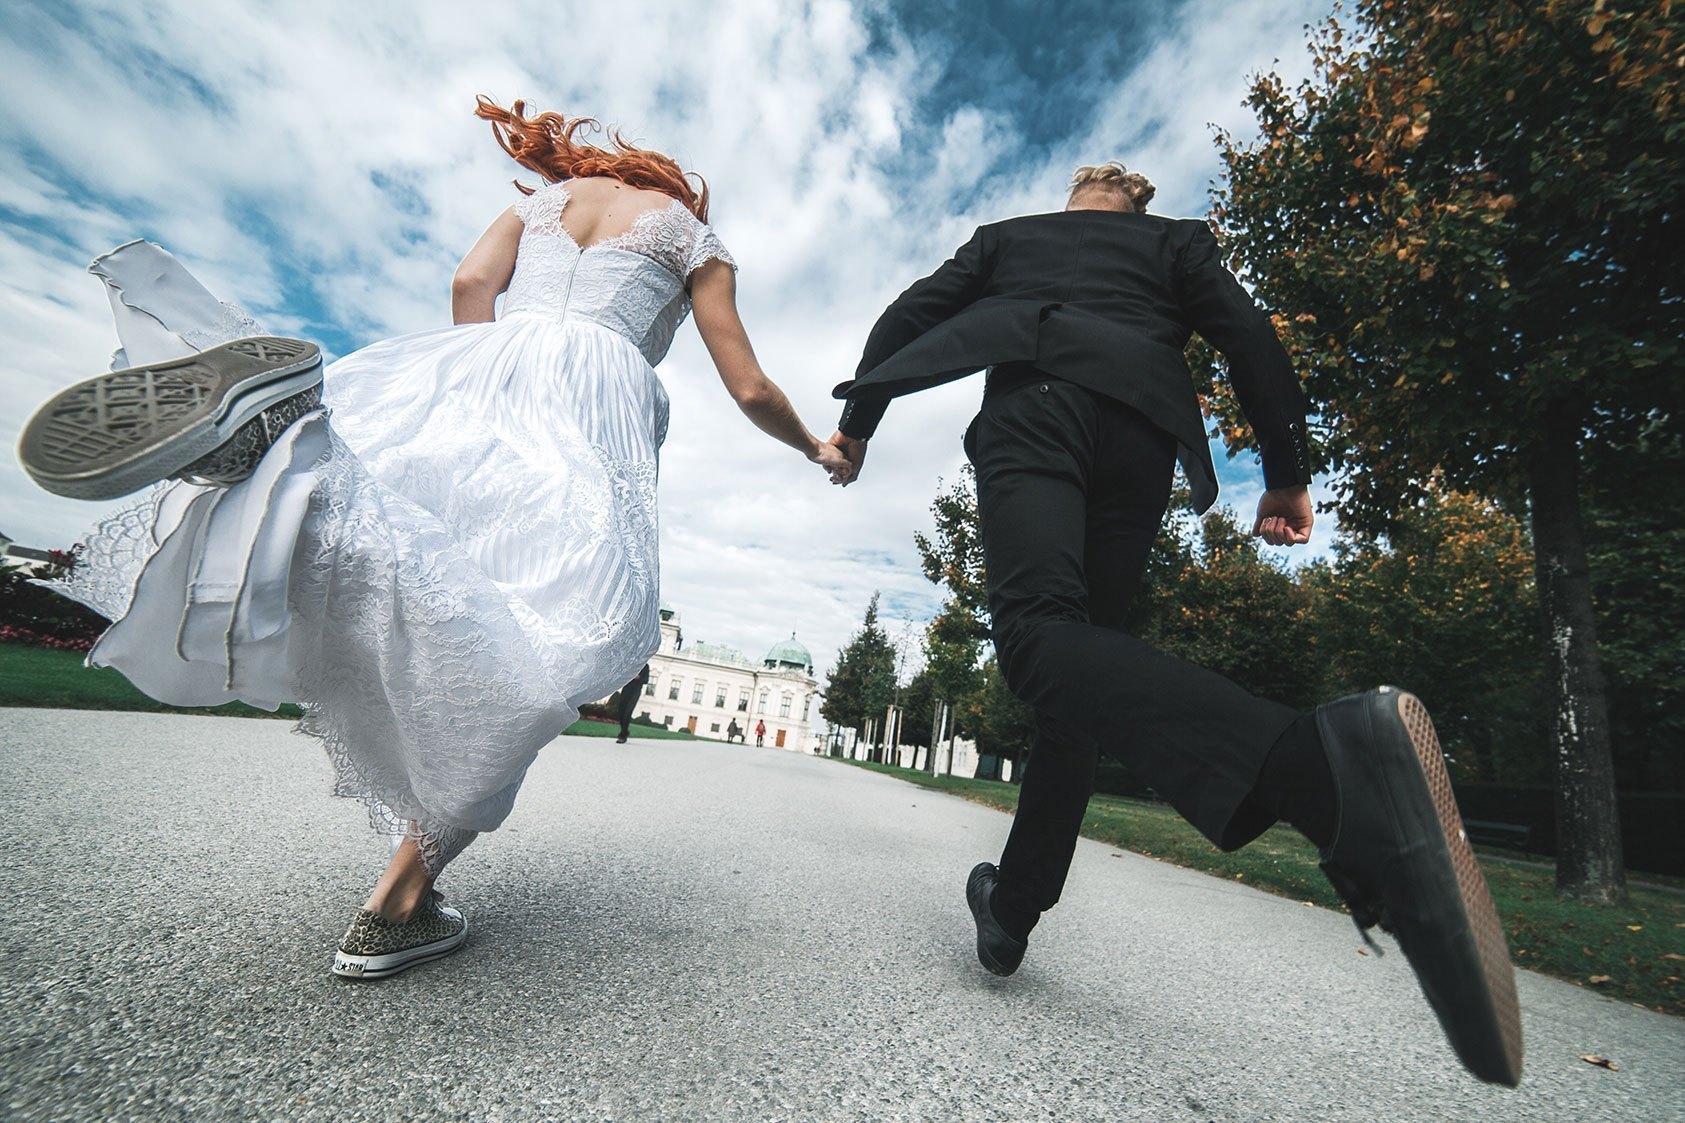 Ucraina matrimonio incontri musulmani come utilizzare Oasis online dating